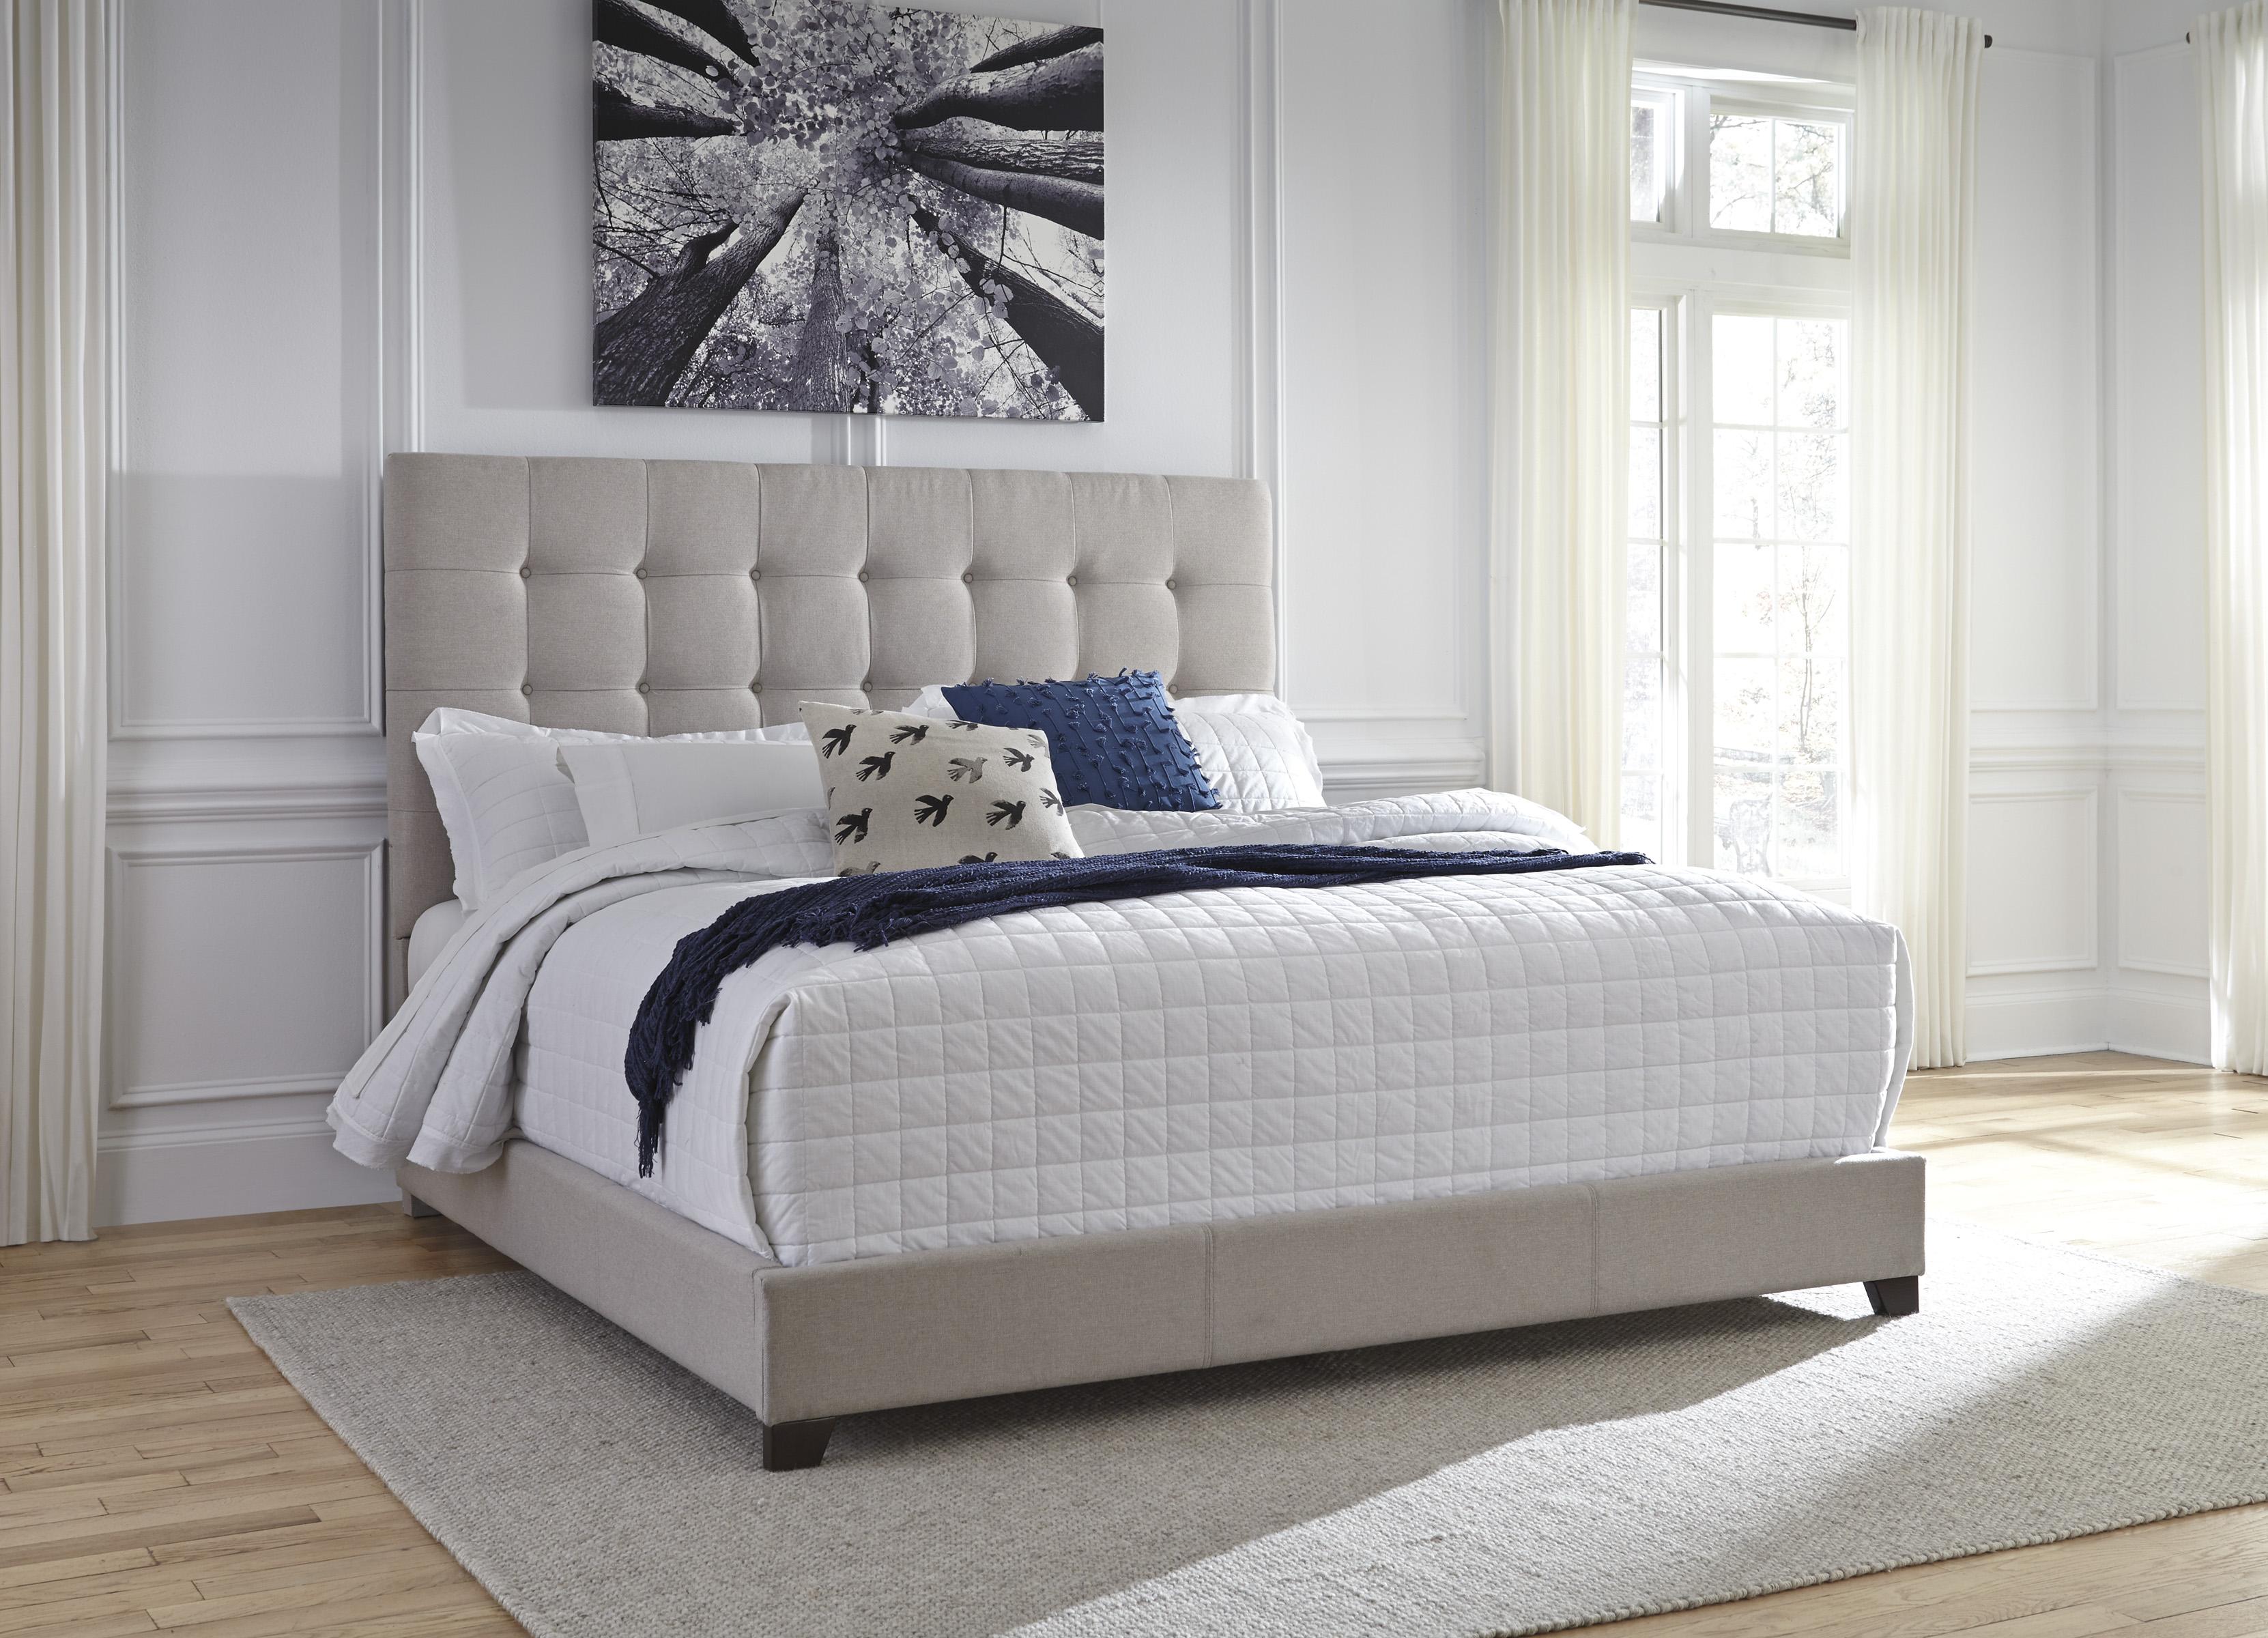 King Upholstered Bed Steinhafels